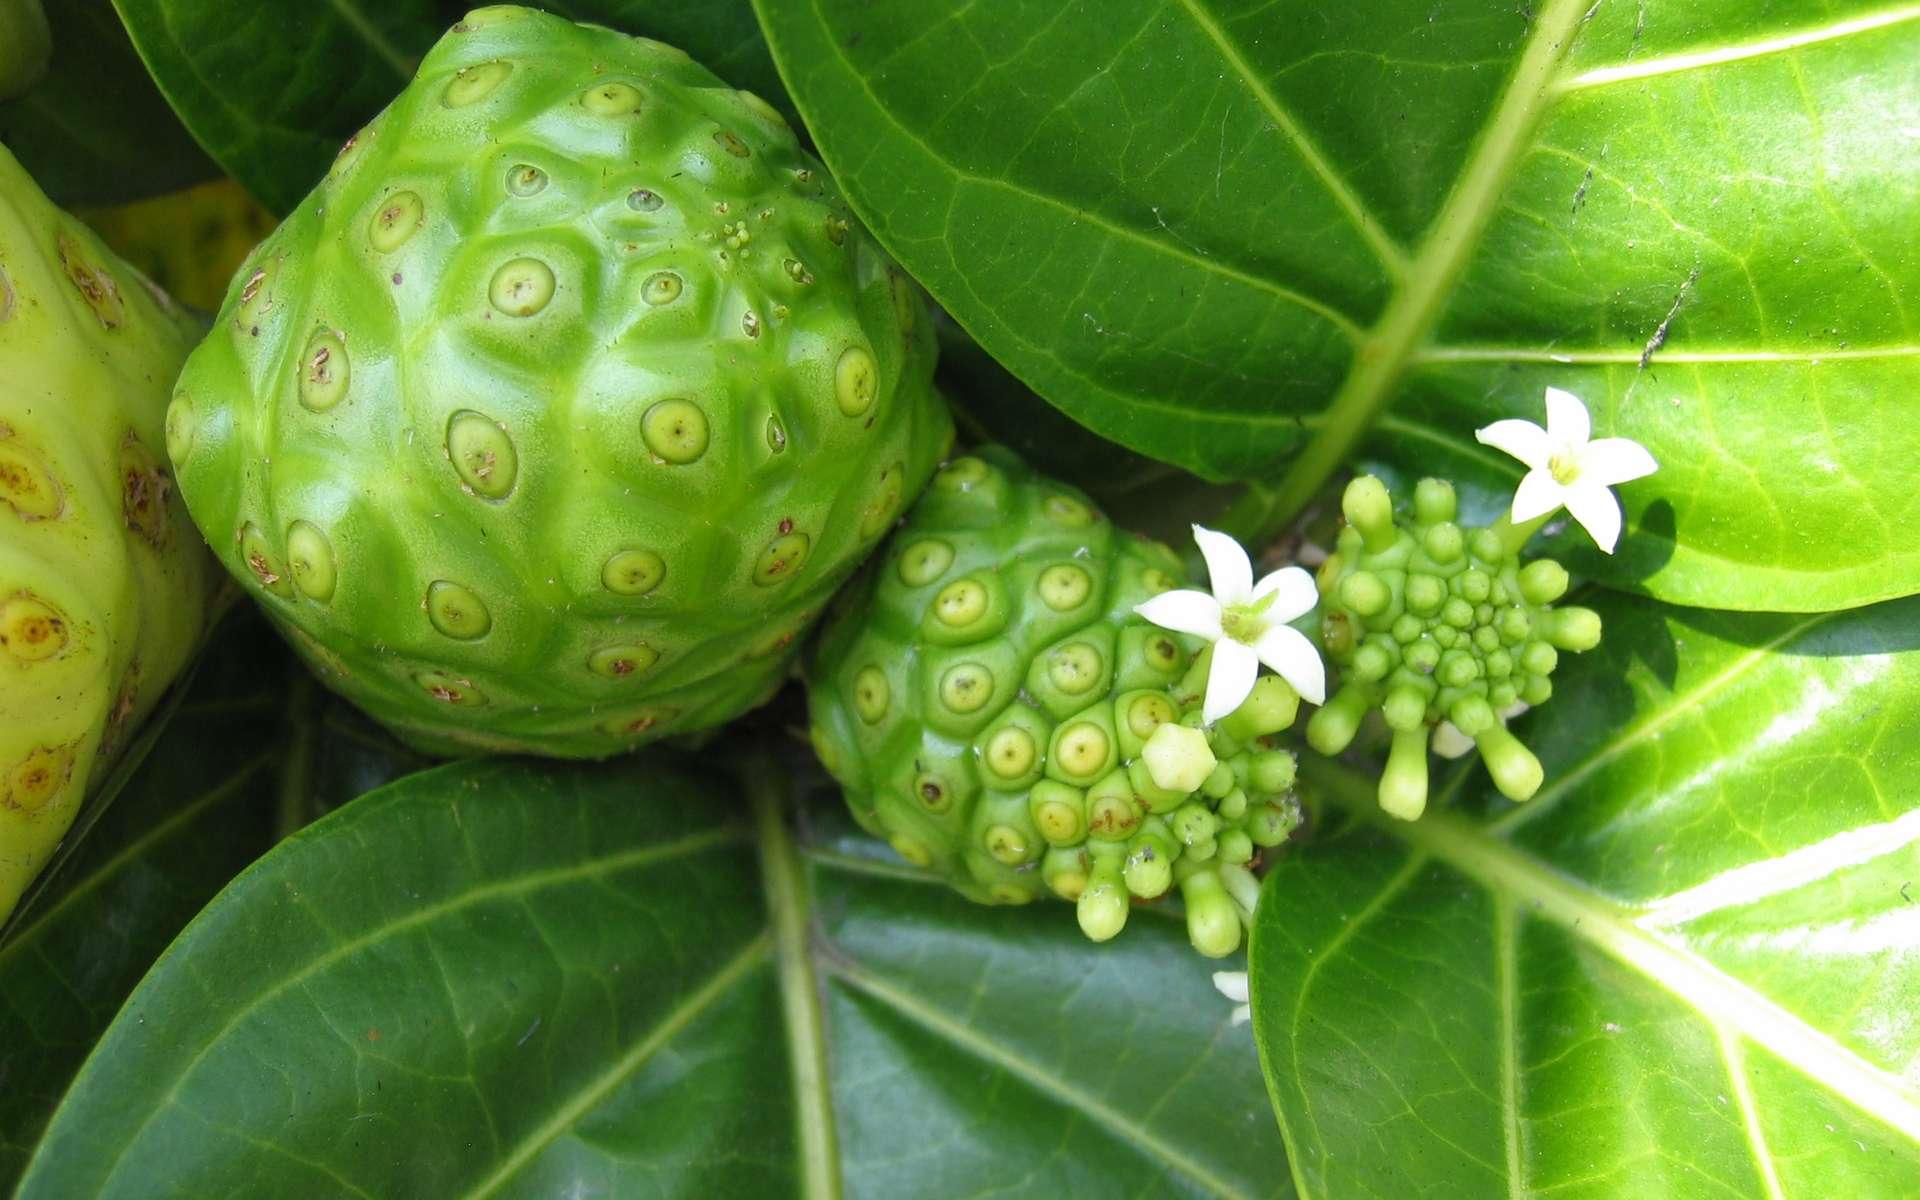 Le noni, un jus de fruit analgésique ? © Michael Hermann, Wikimedia Commons, CC by-sa 3.0